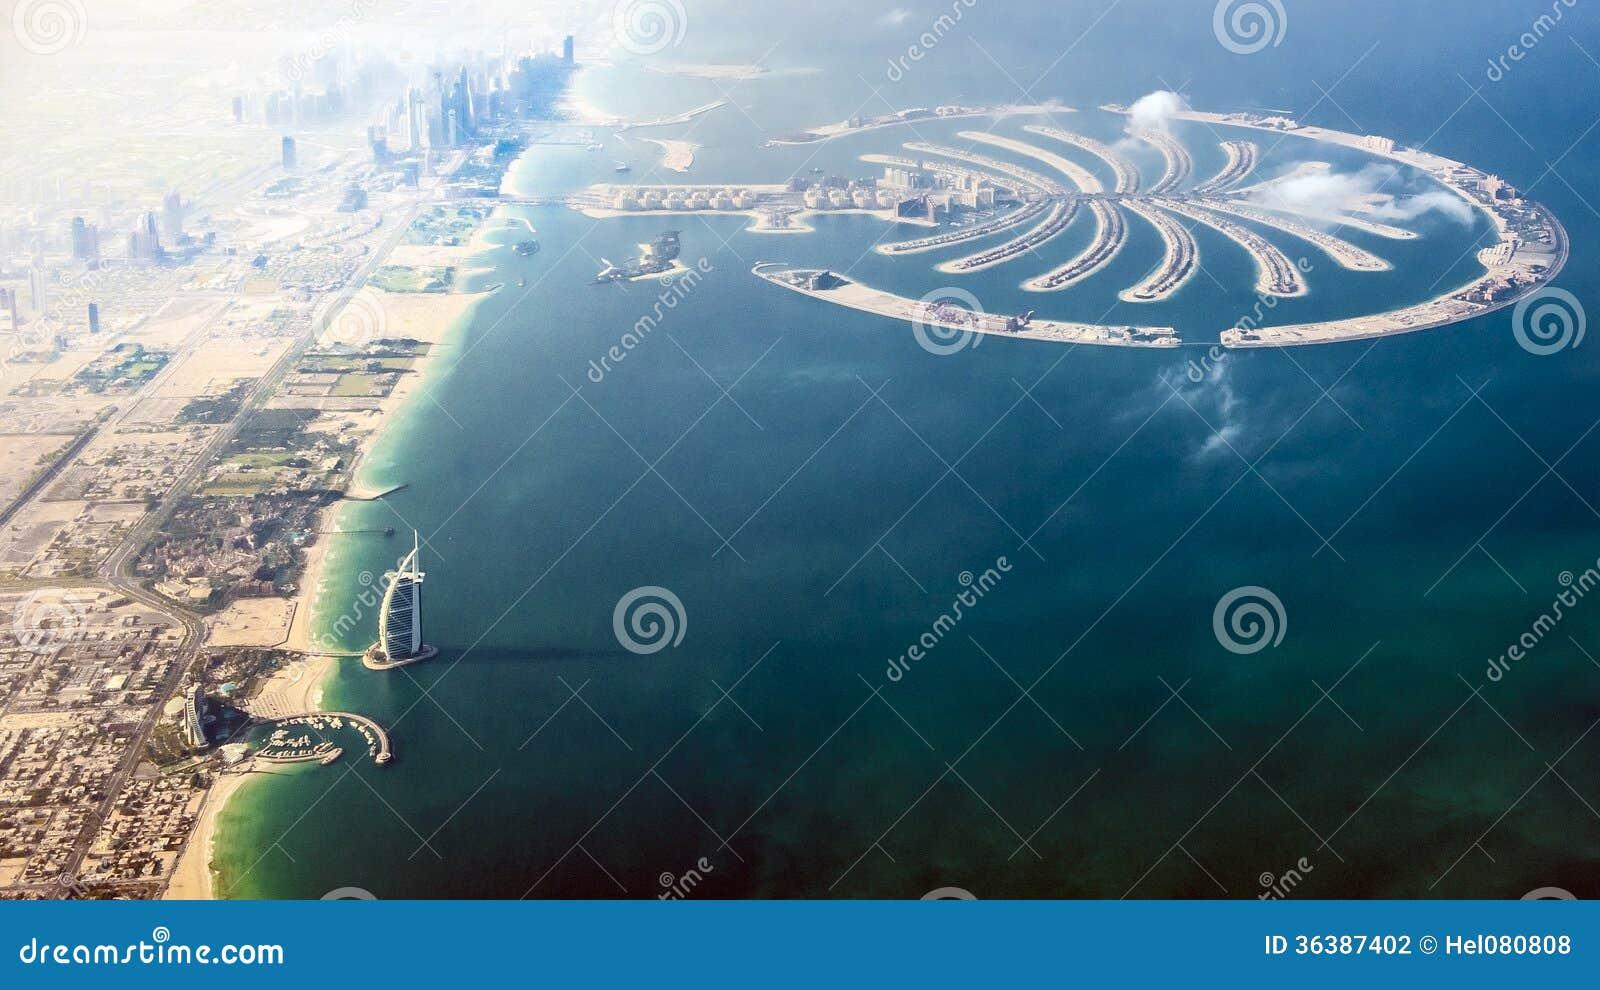 Dubai Burj Al Arab And Palm Island Stock Photo